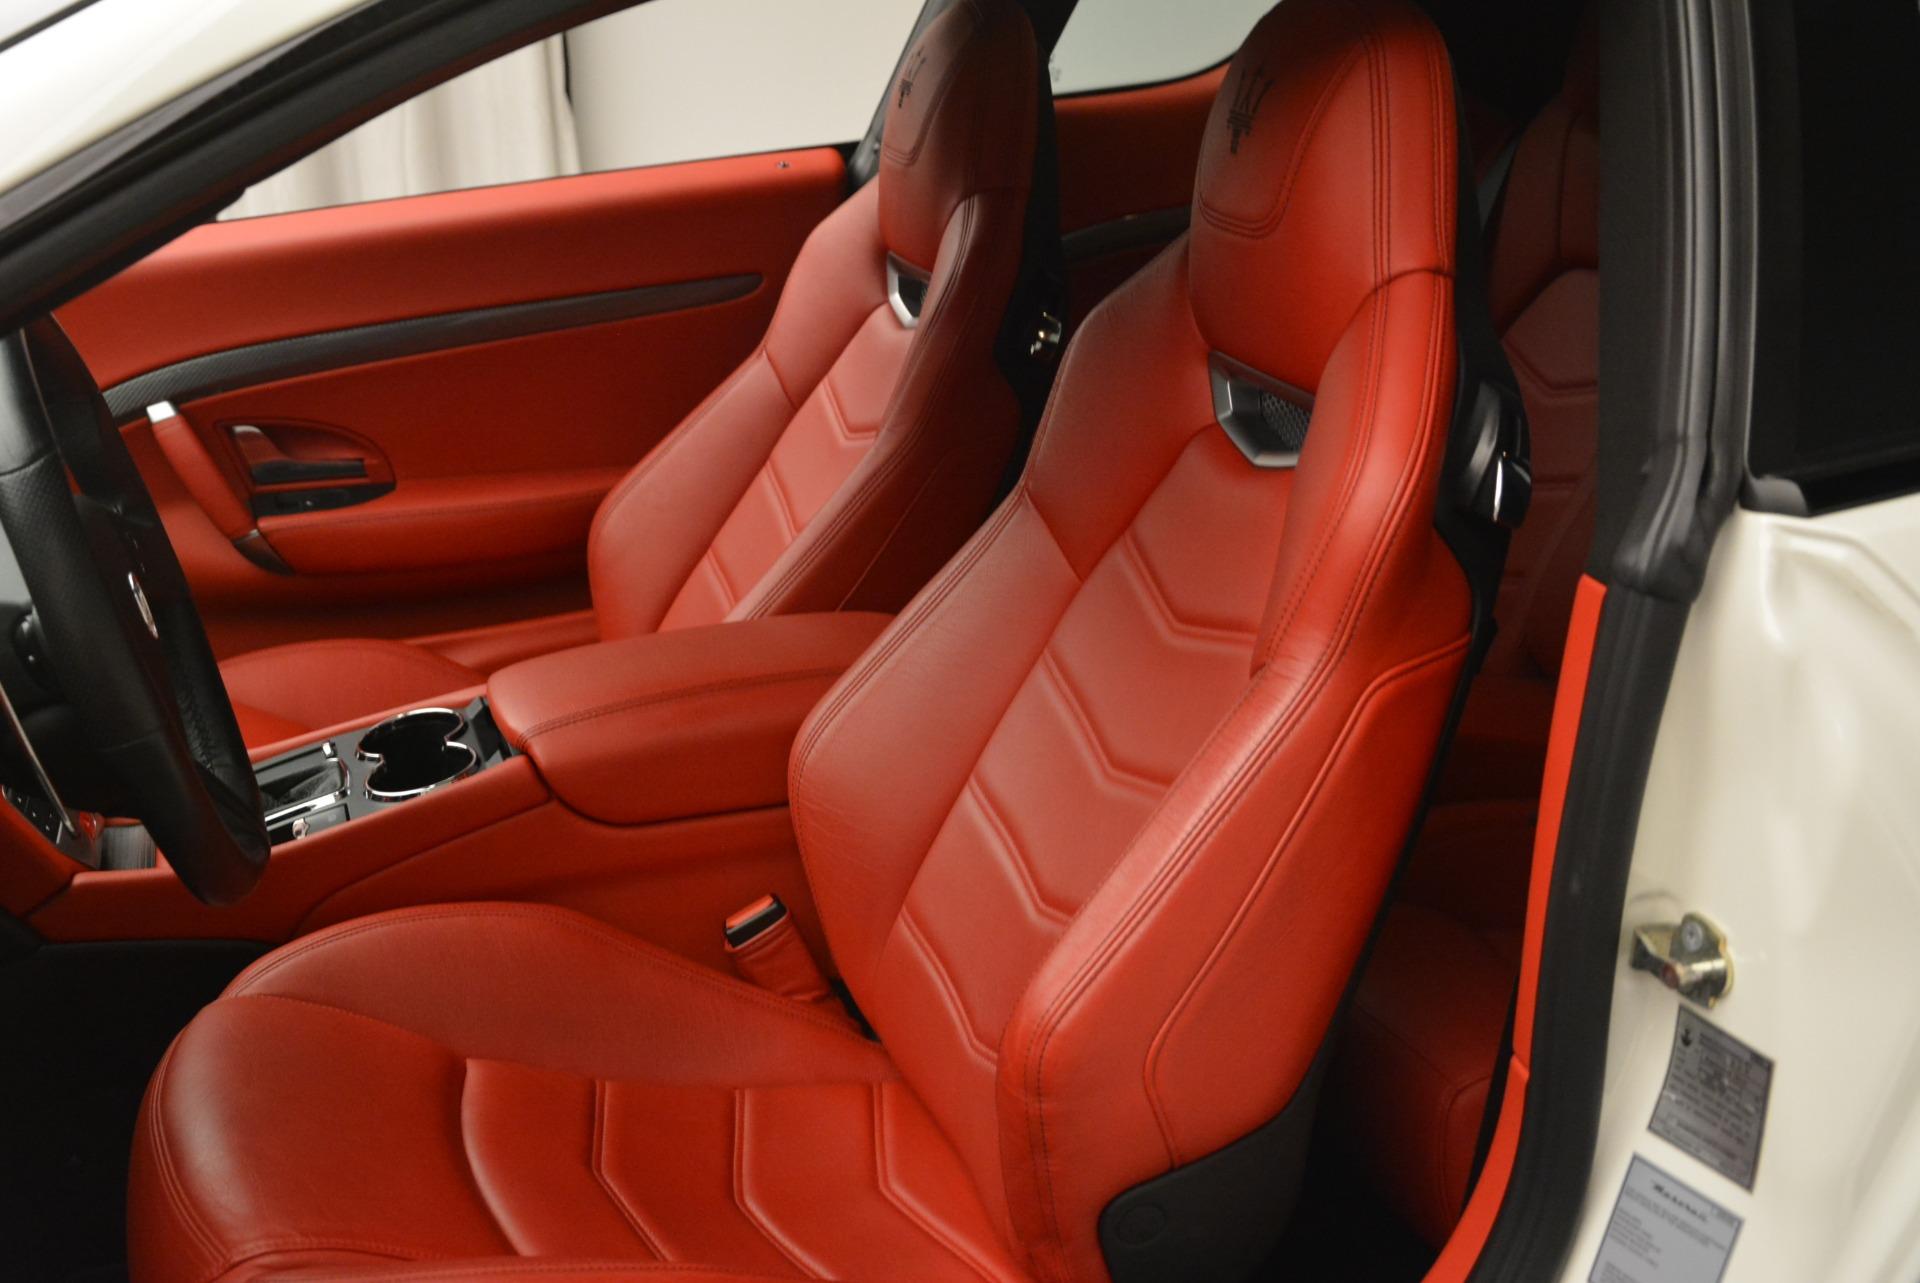 Used 2015 Maserati GranTurismo Sport For Sale In Greenwich, CT 2233_p15